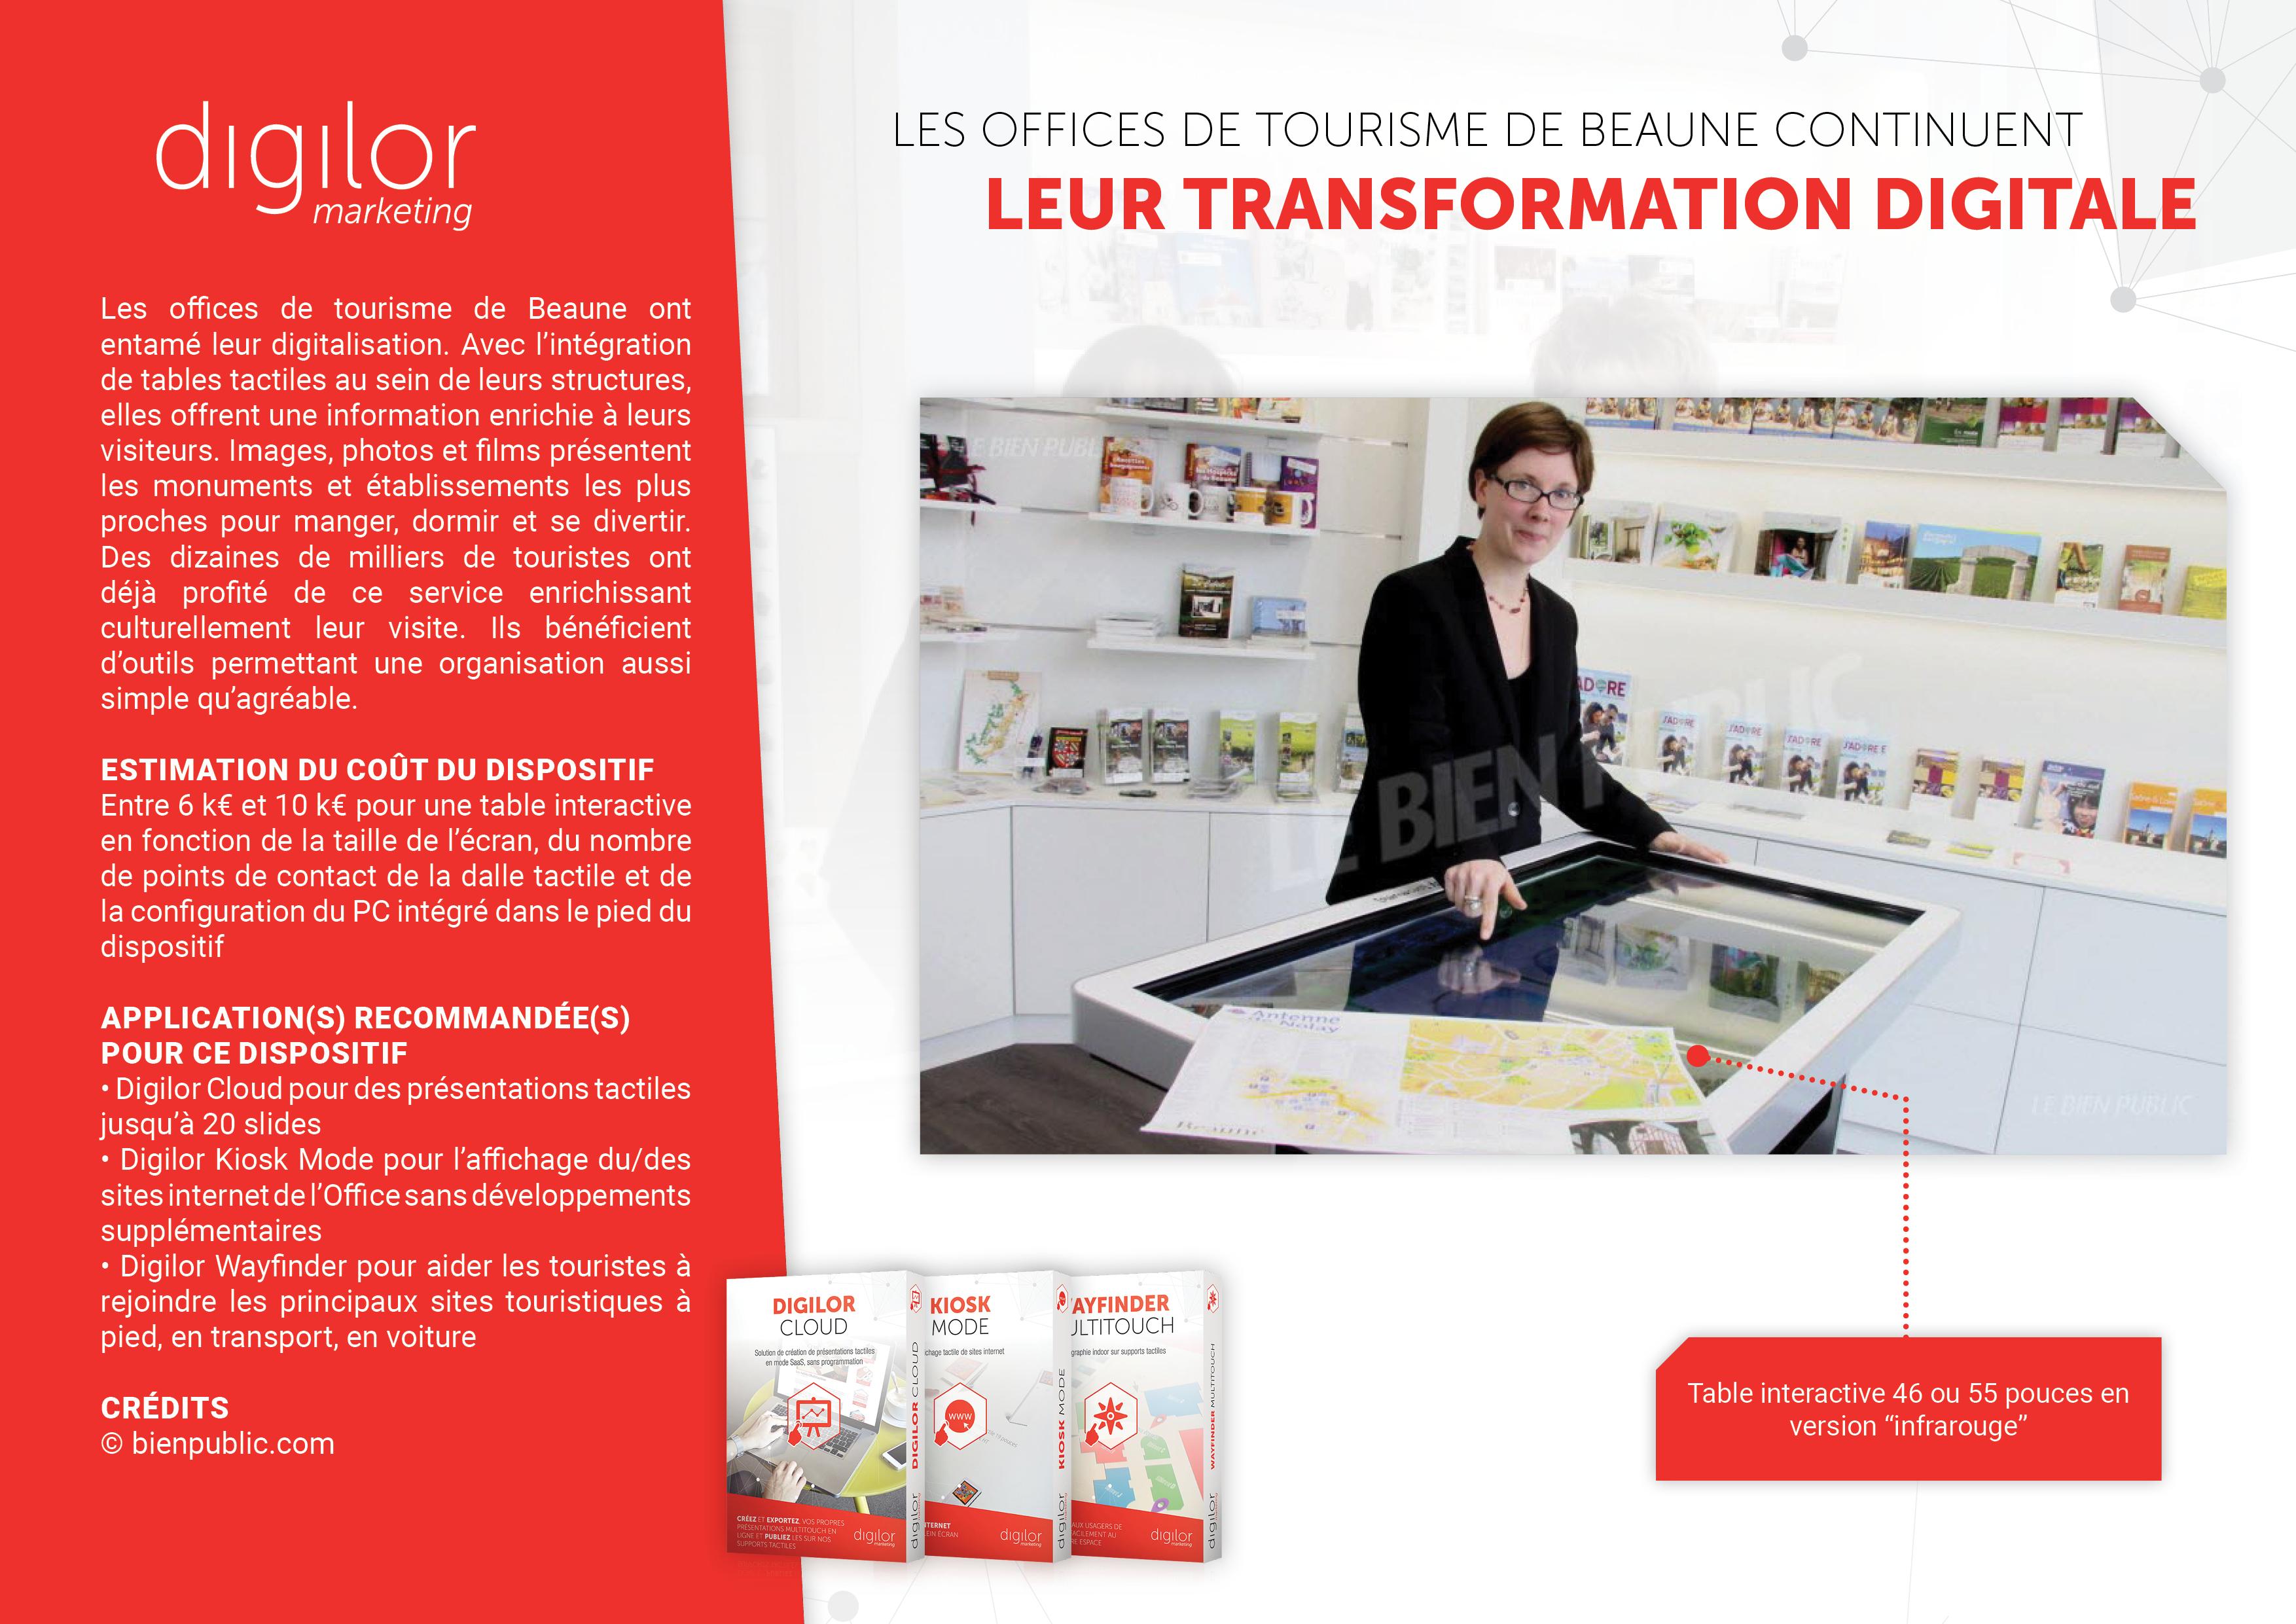 Les Offices de Tourisme de Beaune continuent leur transformation digitale